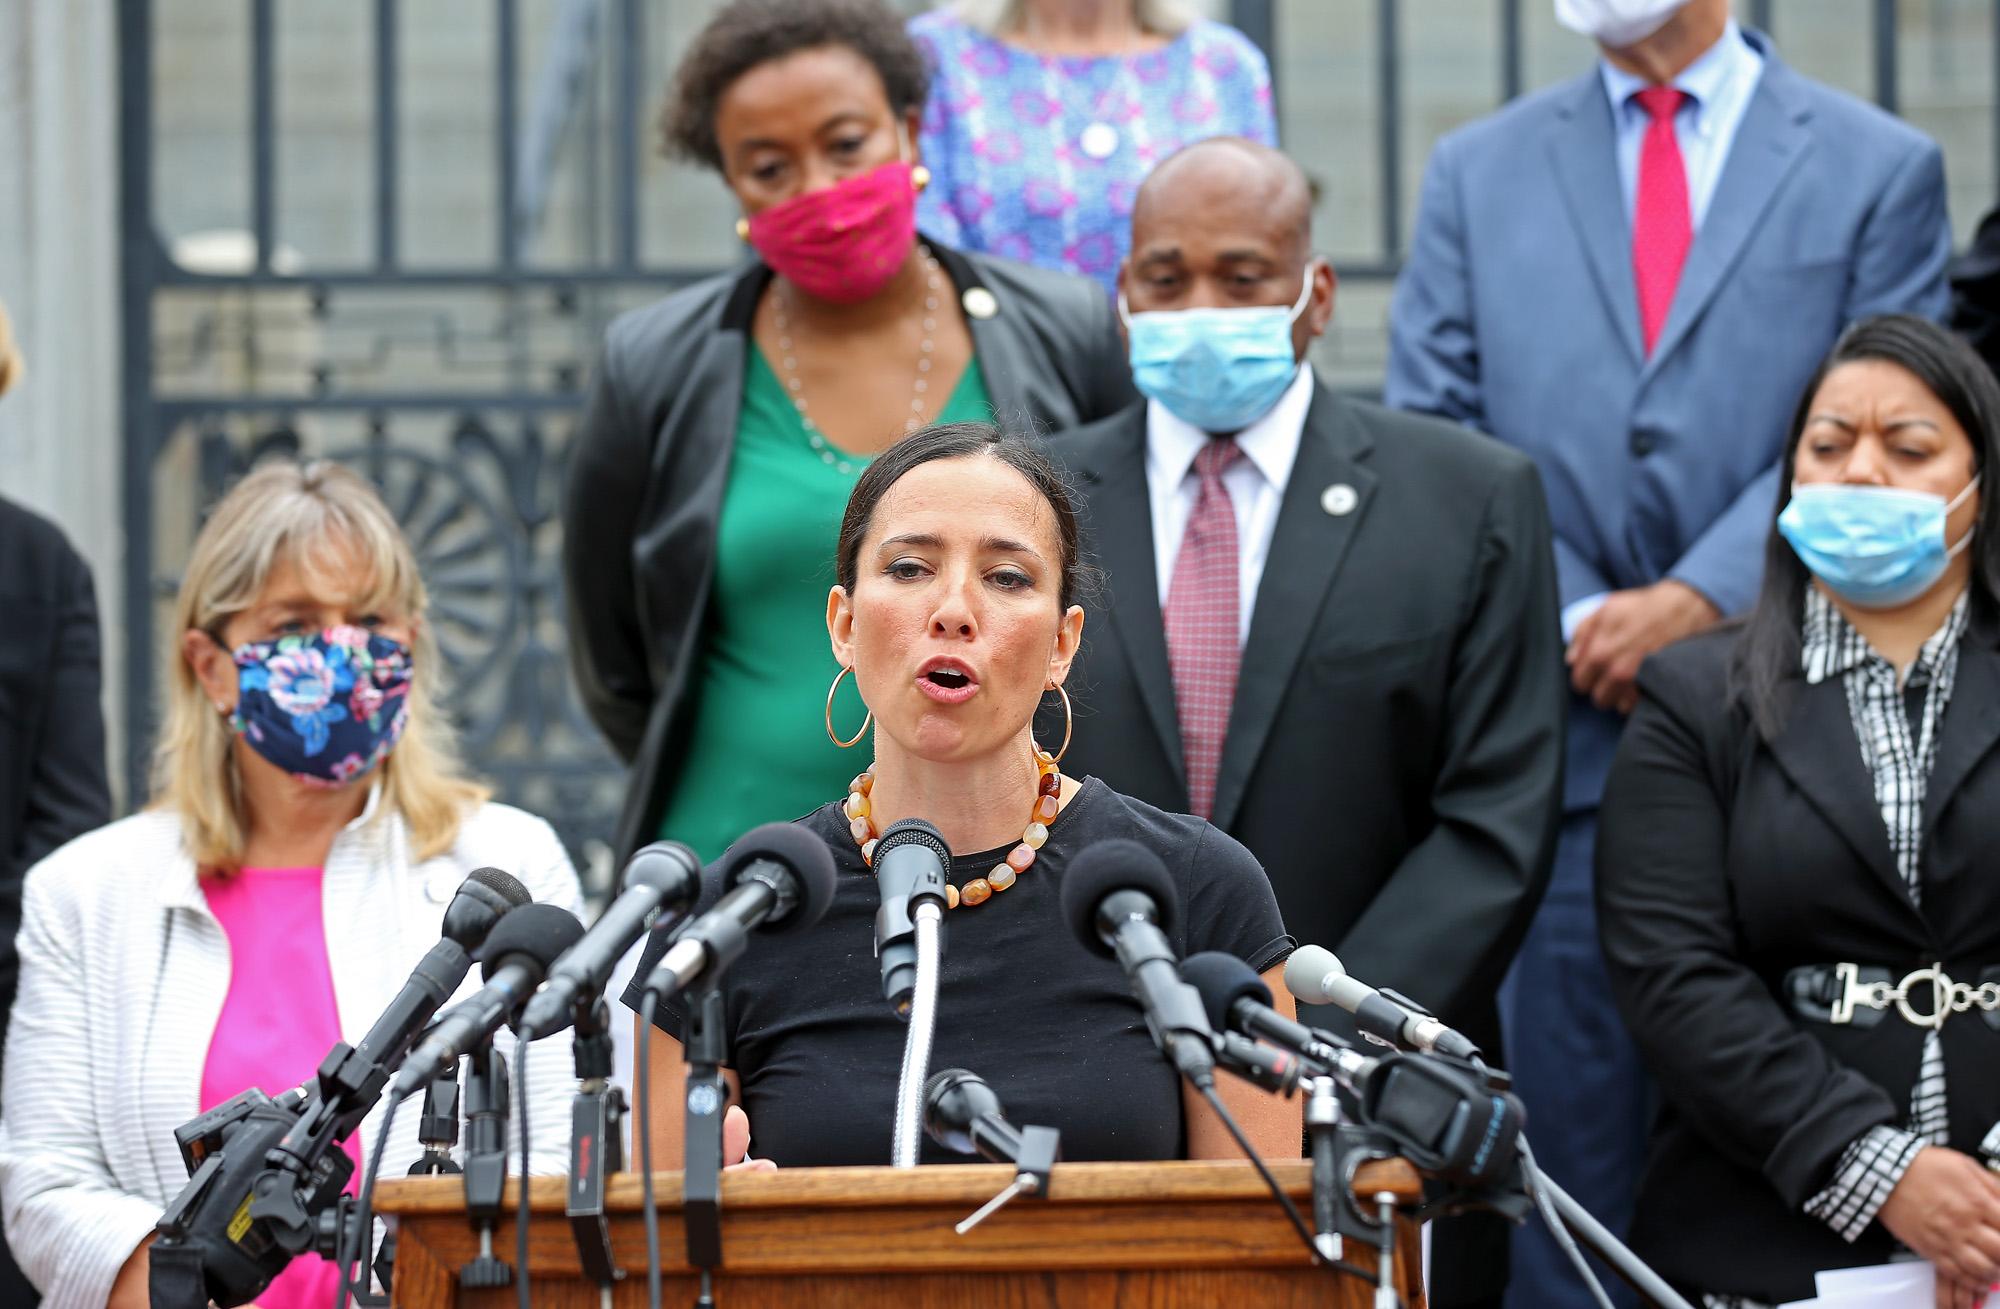 Senator Sonia Chang-Díaz Explores Run for Governor in 2022